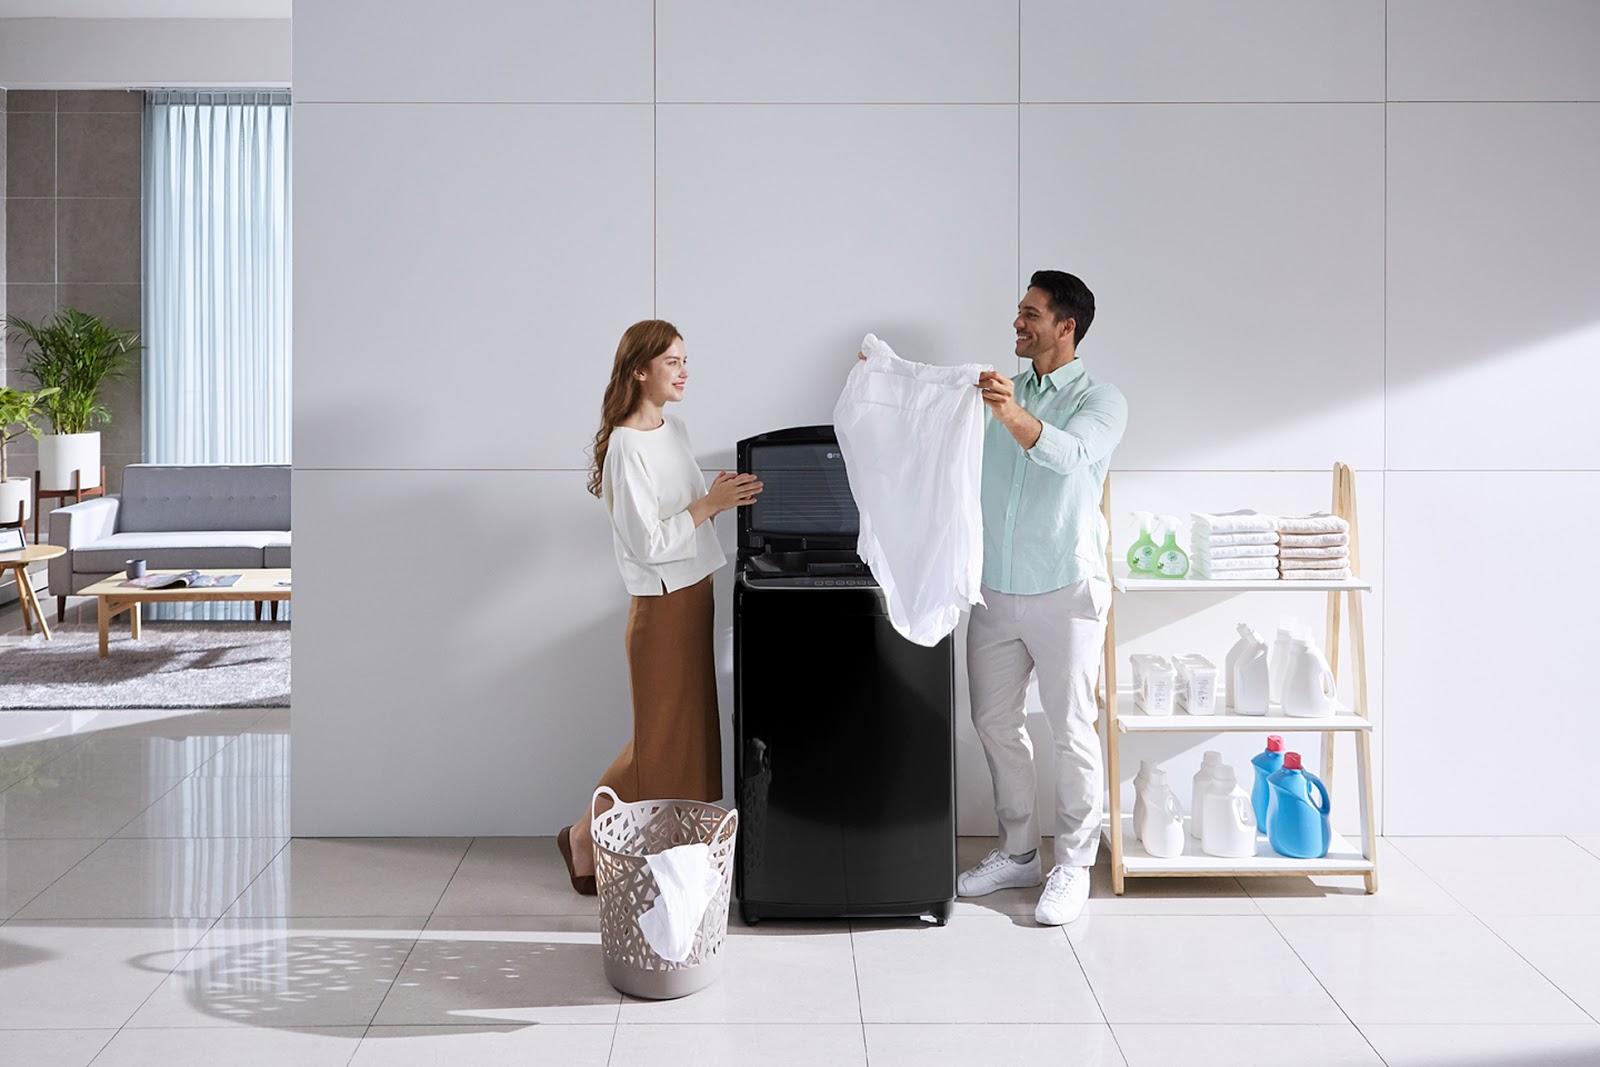 Tener la ropa desinfectada ayuda en la prevención del coronavirus